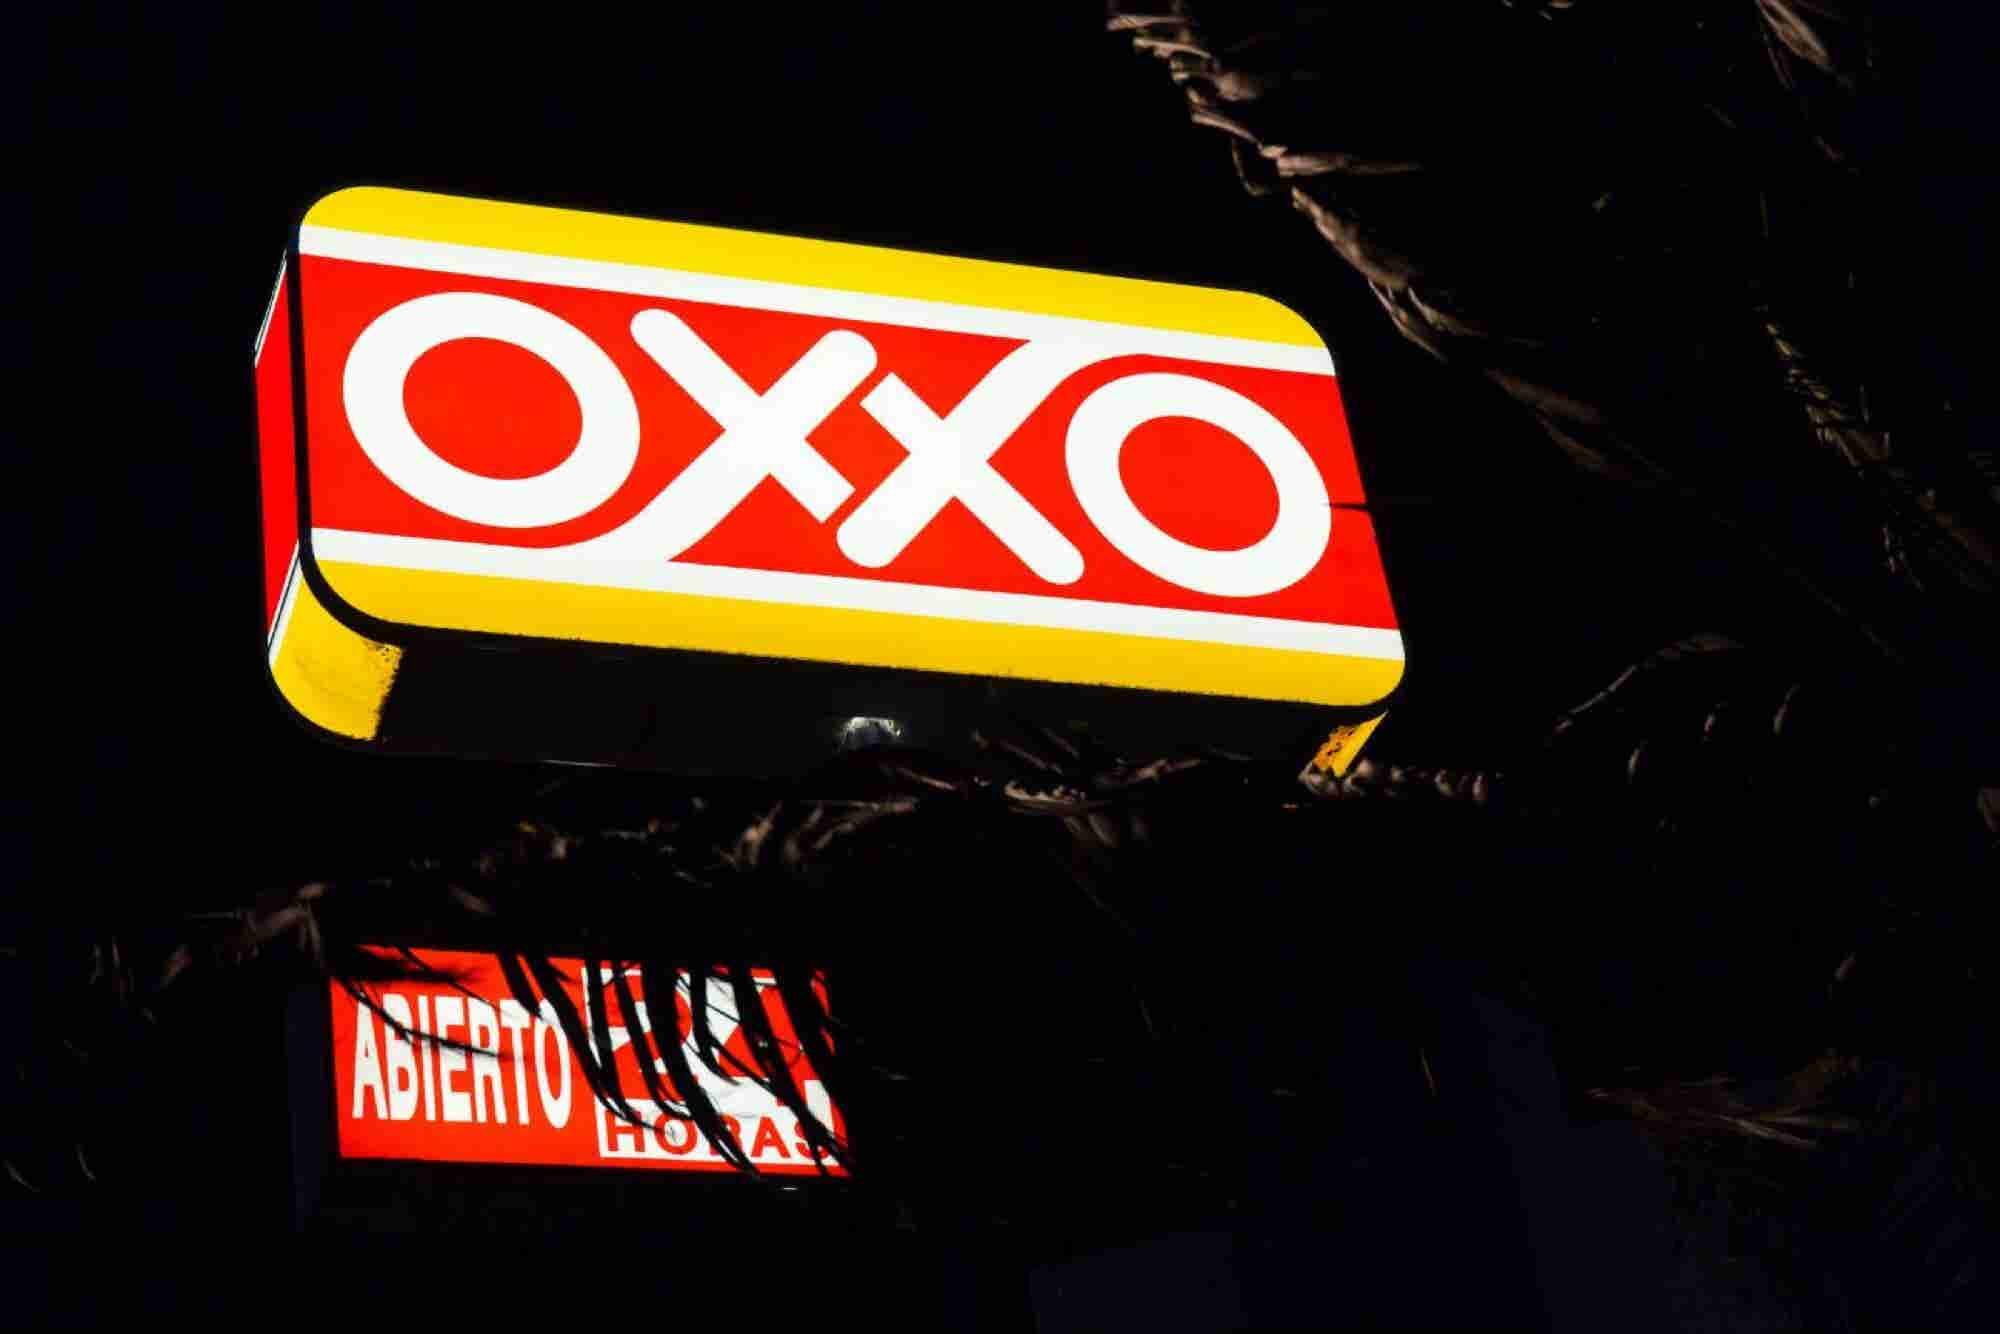 Ya podrás recoger tus remesas en Oxxo